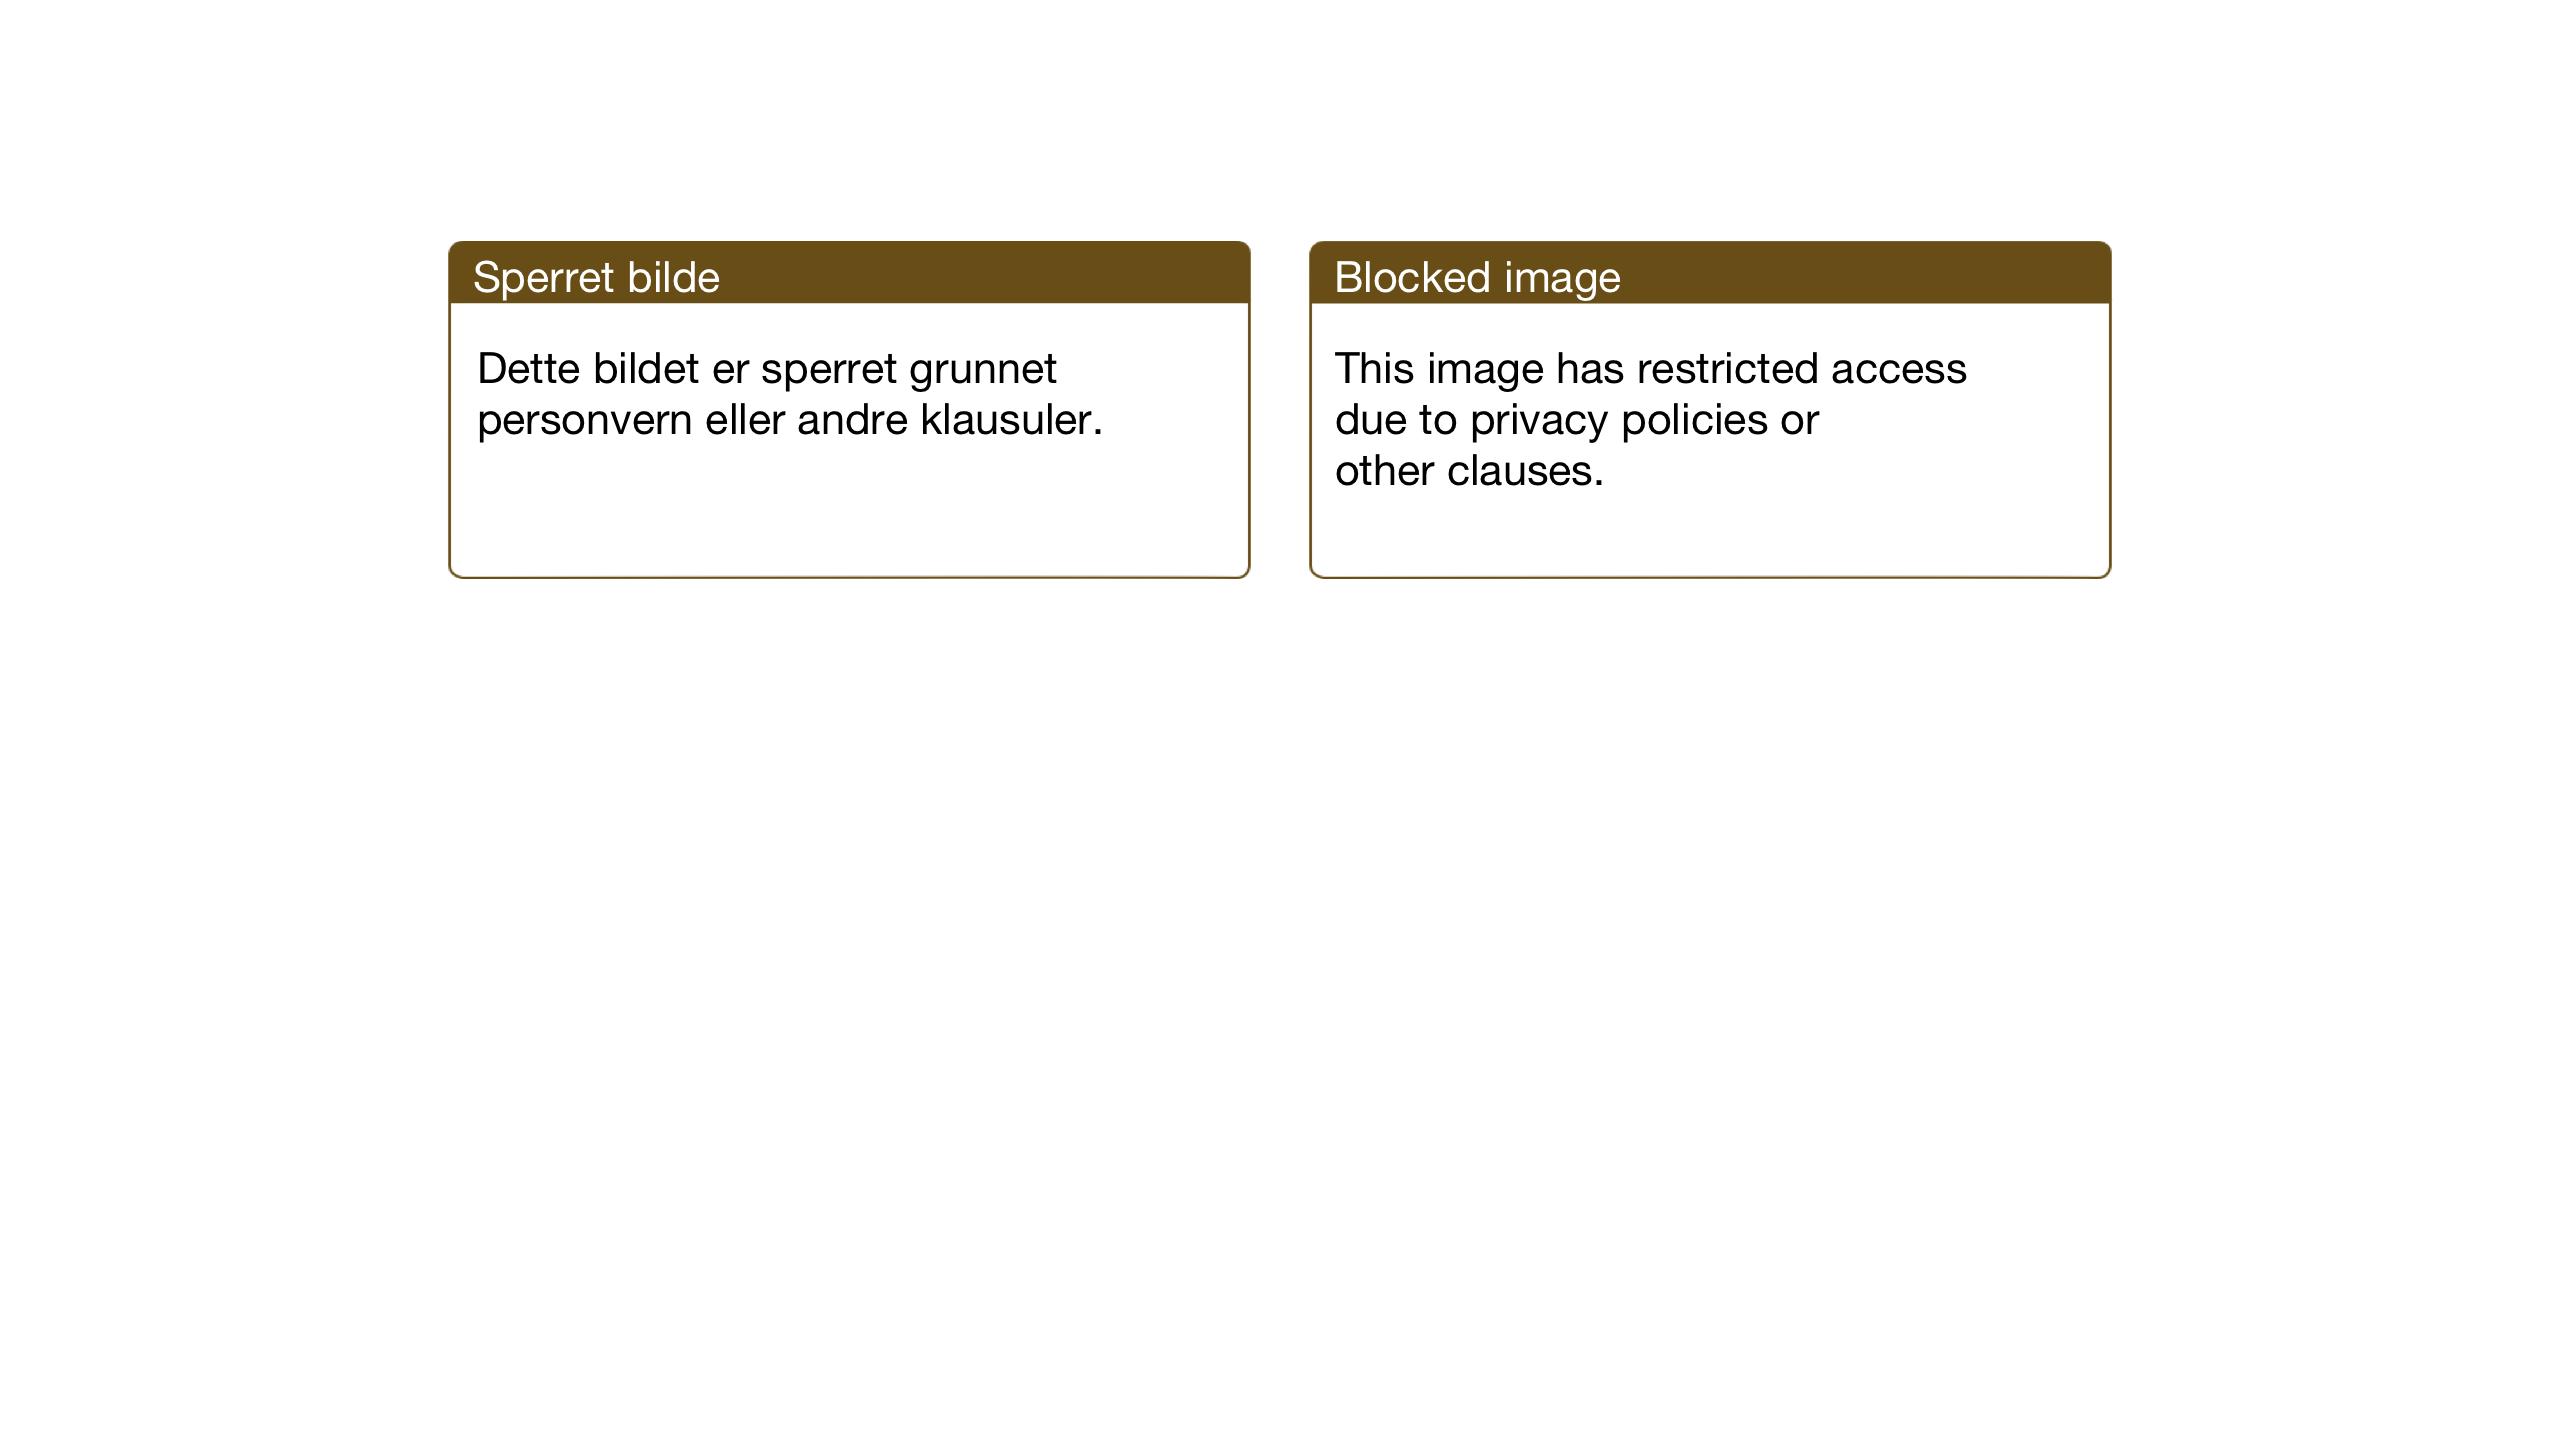 SAT, Ministerialprotokoller, klokkerbøker og fødselsregistre - Sør-Trøndelag, 611/L0358: Klokkerbok nr. 611C06, 1943-1946, s. 42